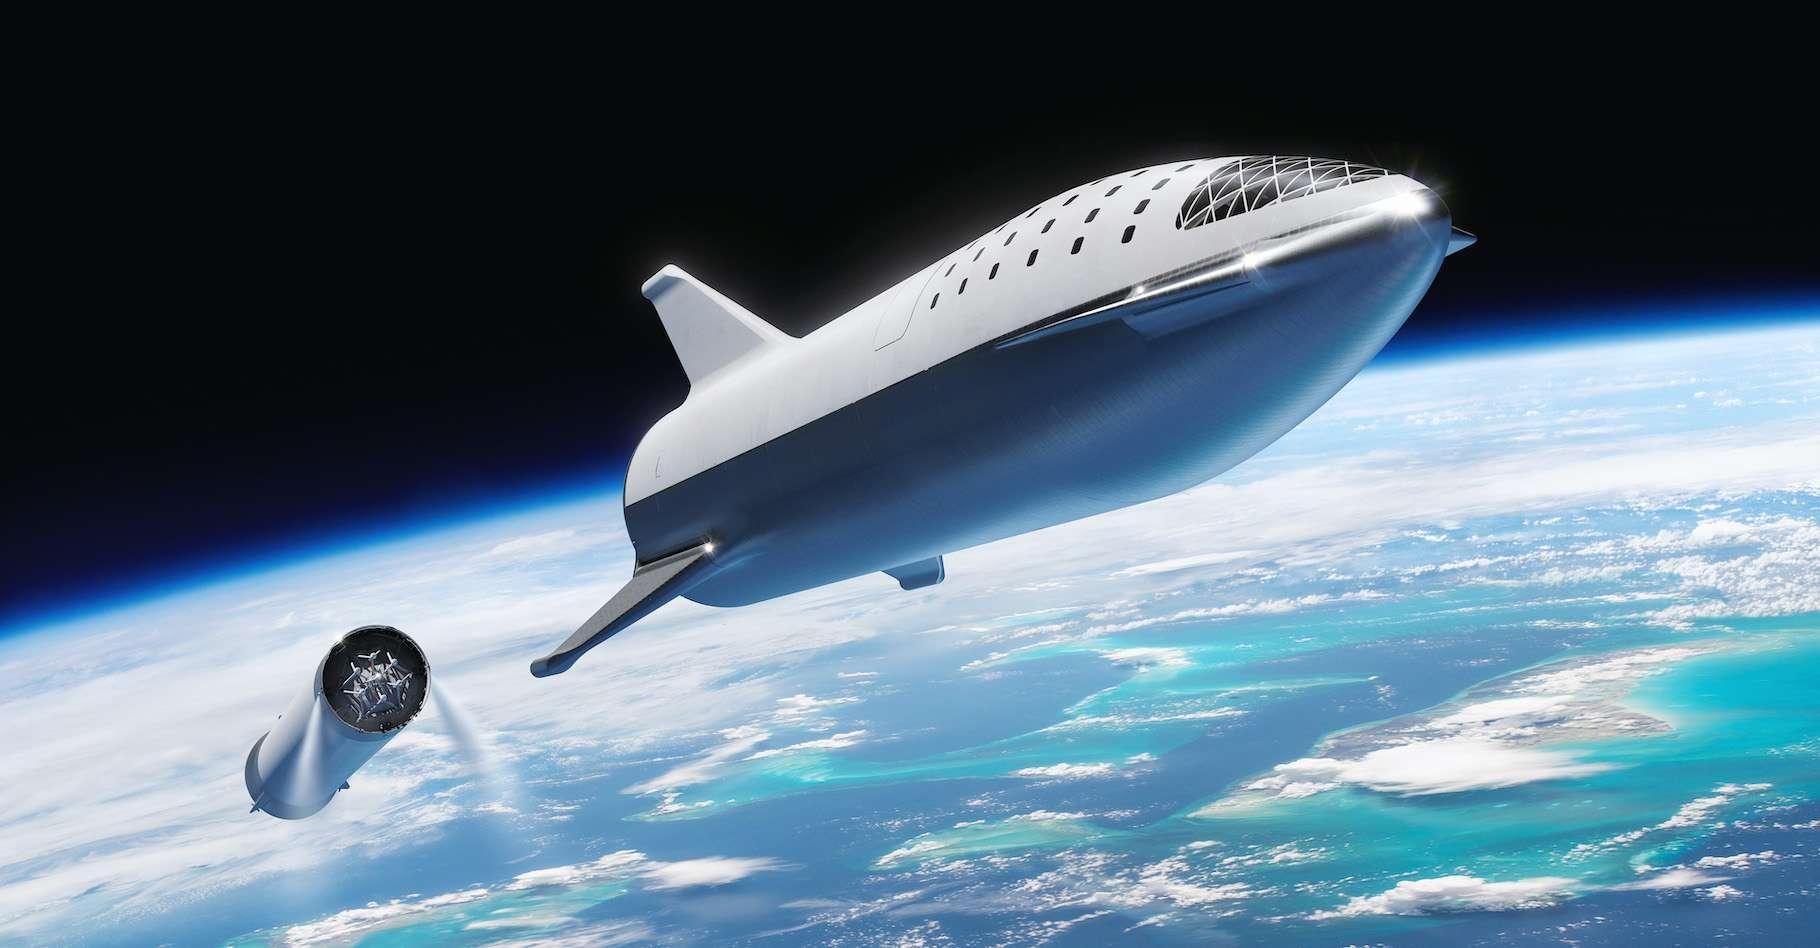 Un voyage dans l'espace ? Starship n'en est pas encore là. Hier, lors de tests de réservoir, l'engin a explosé. © SpaceX, Wikipedia, CC0